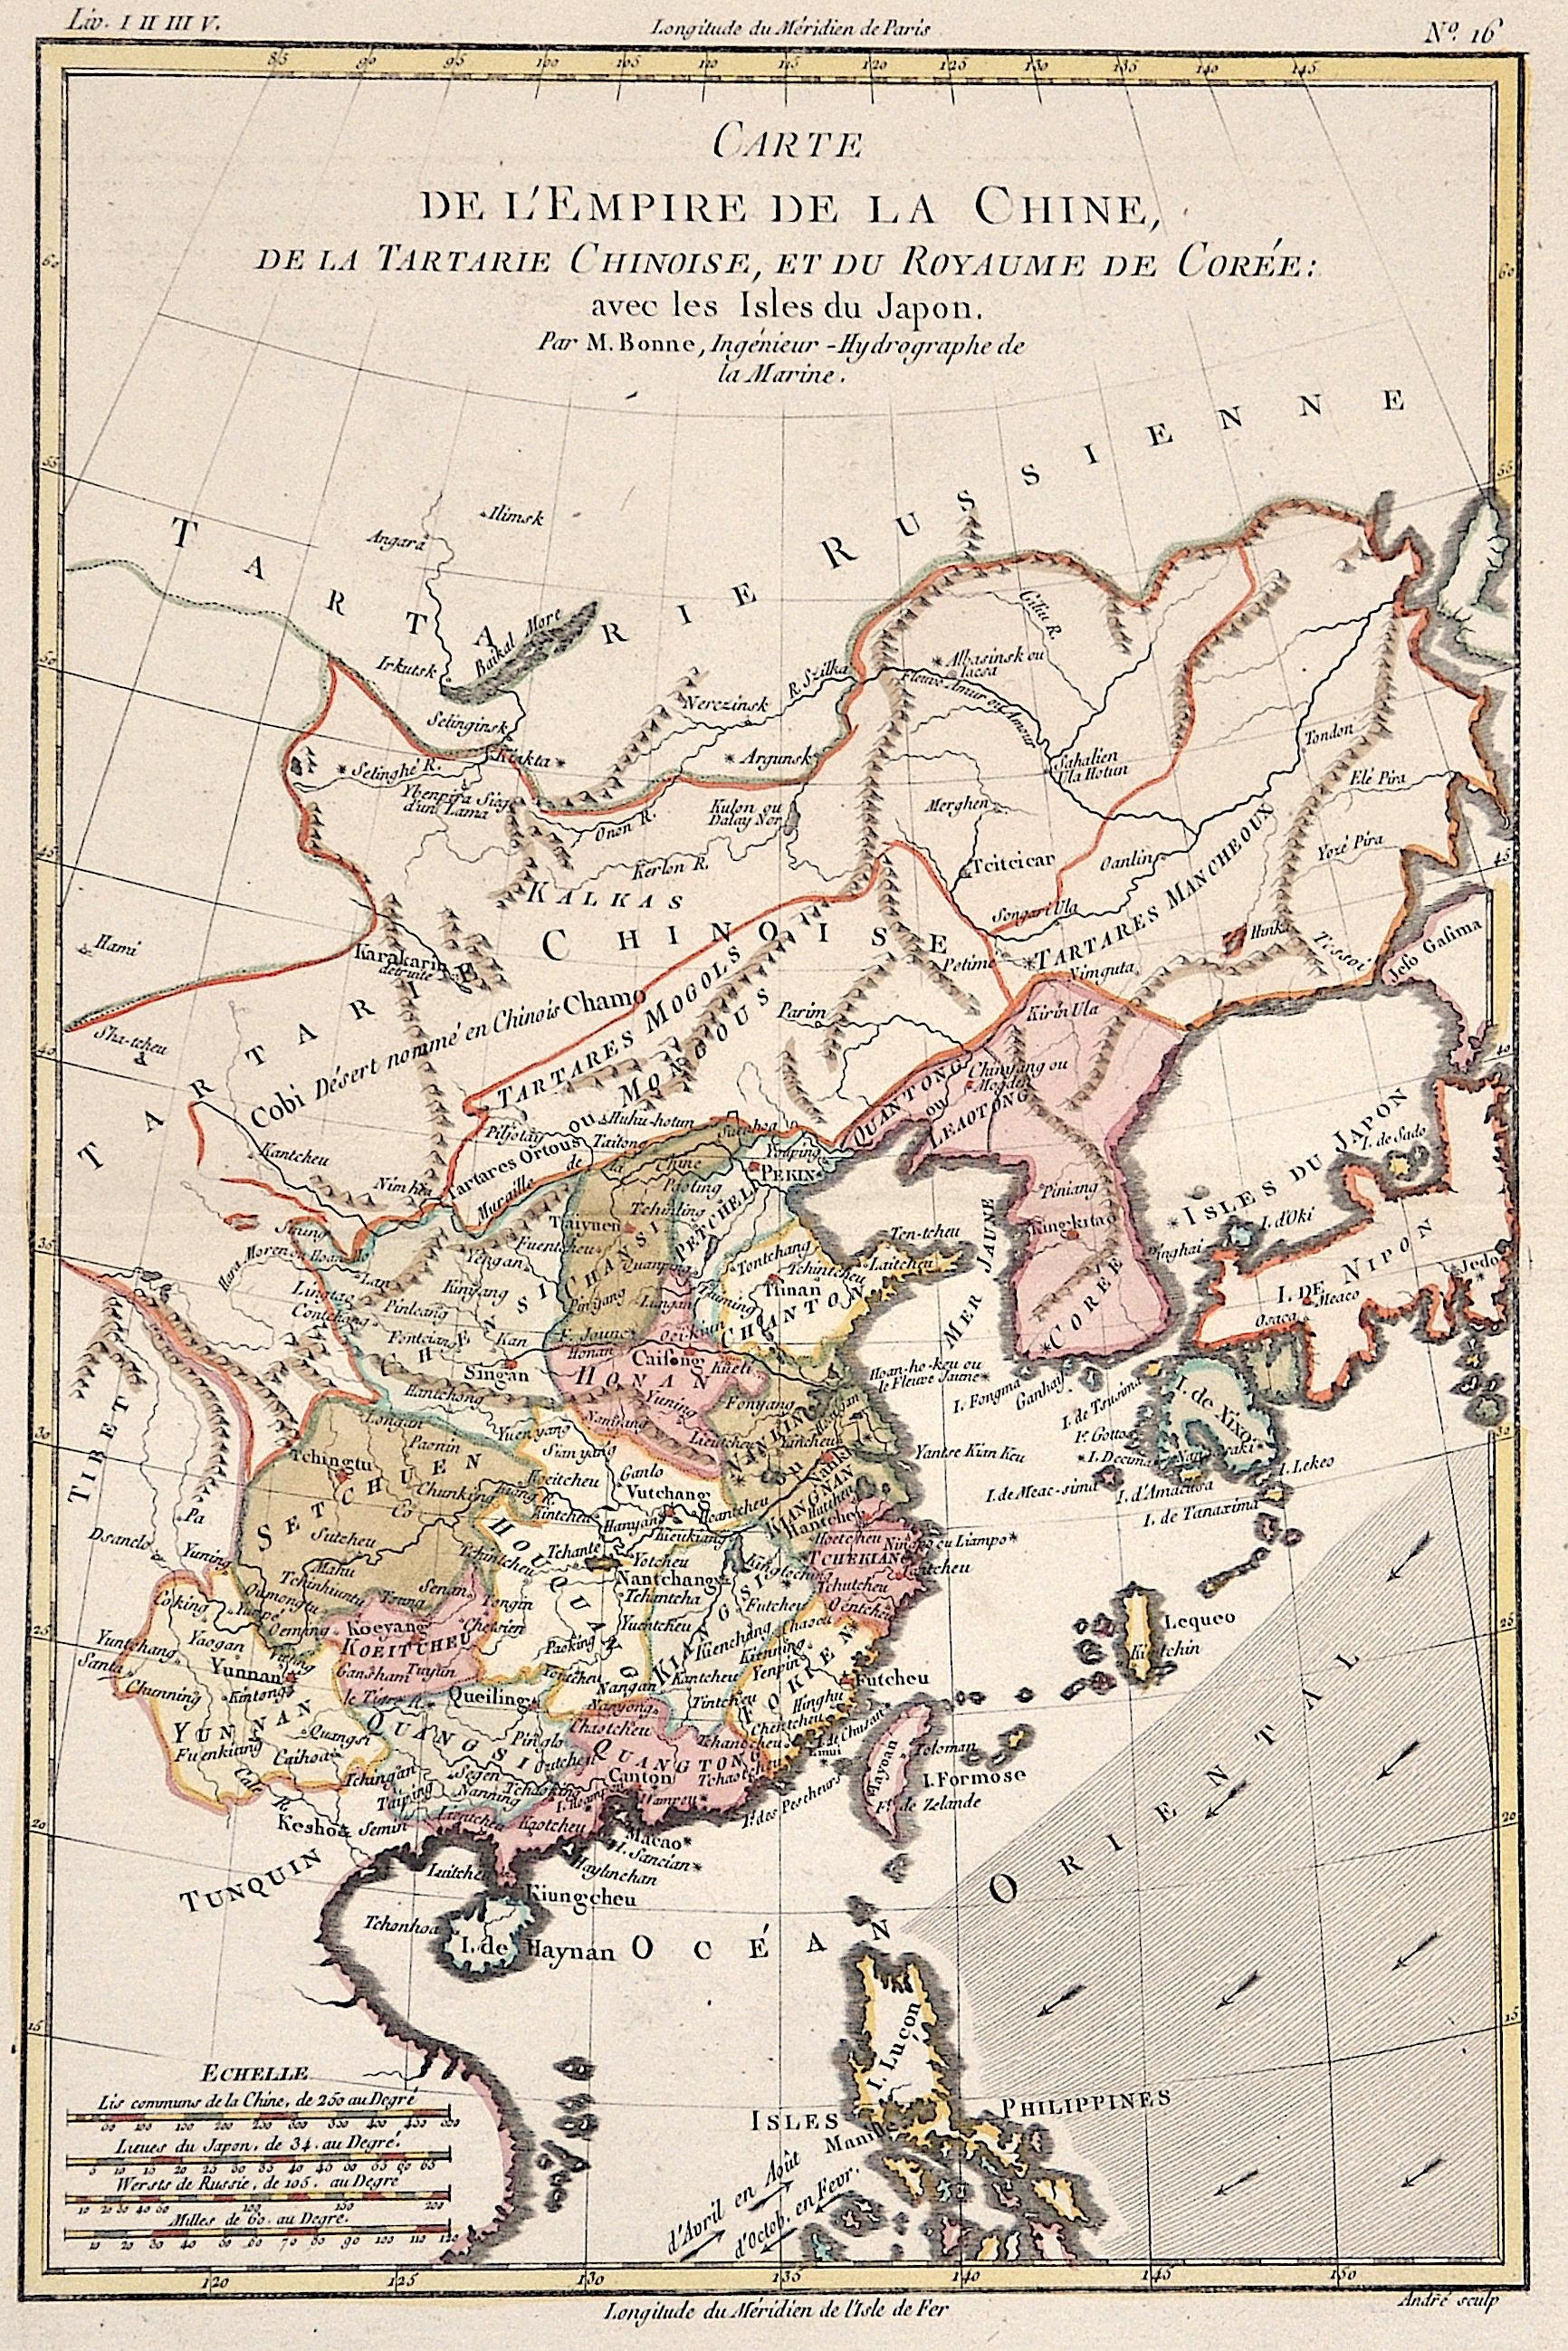 Bonne Rigobert Carte de l'Empire de la Chine, de la Tartarie Chinoise, et du Royaume de Corèe: avec les Isles du Japon.